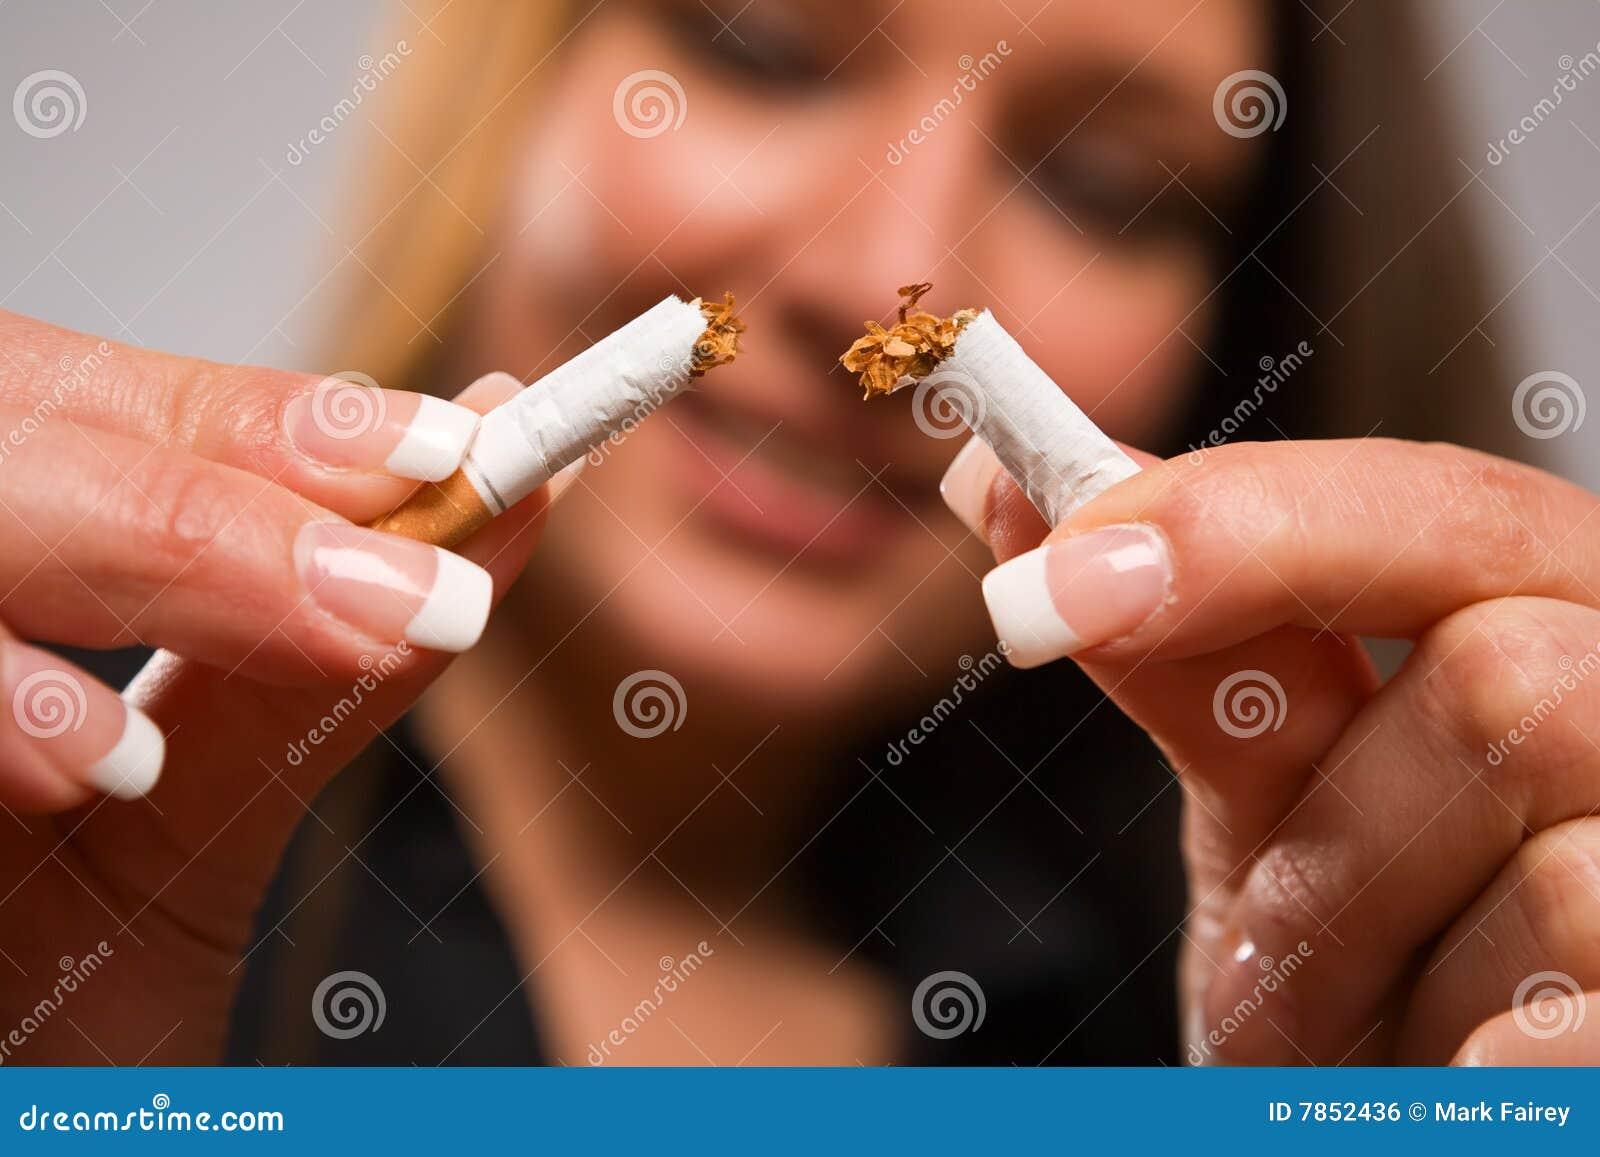 Бросила курить и похудела Pohudetinfo